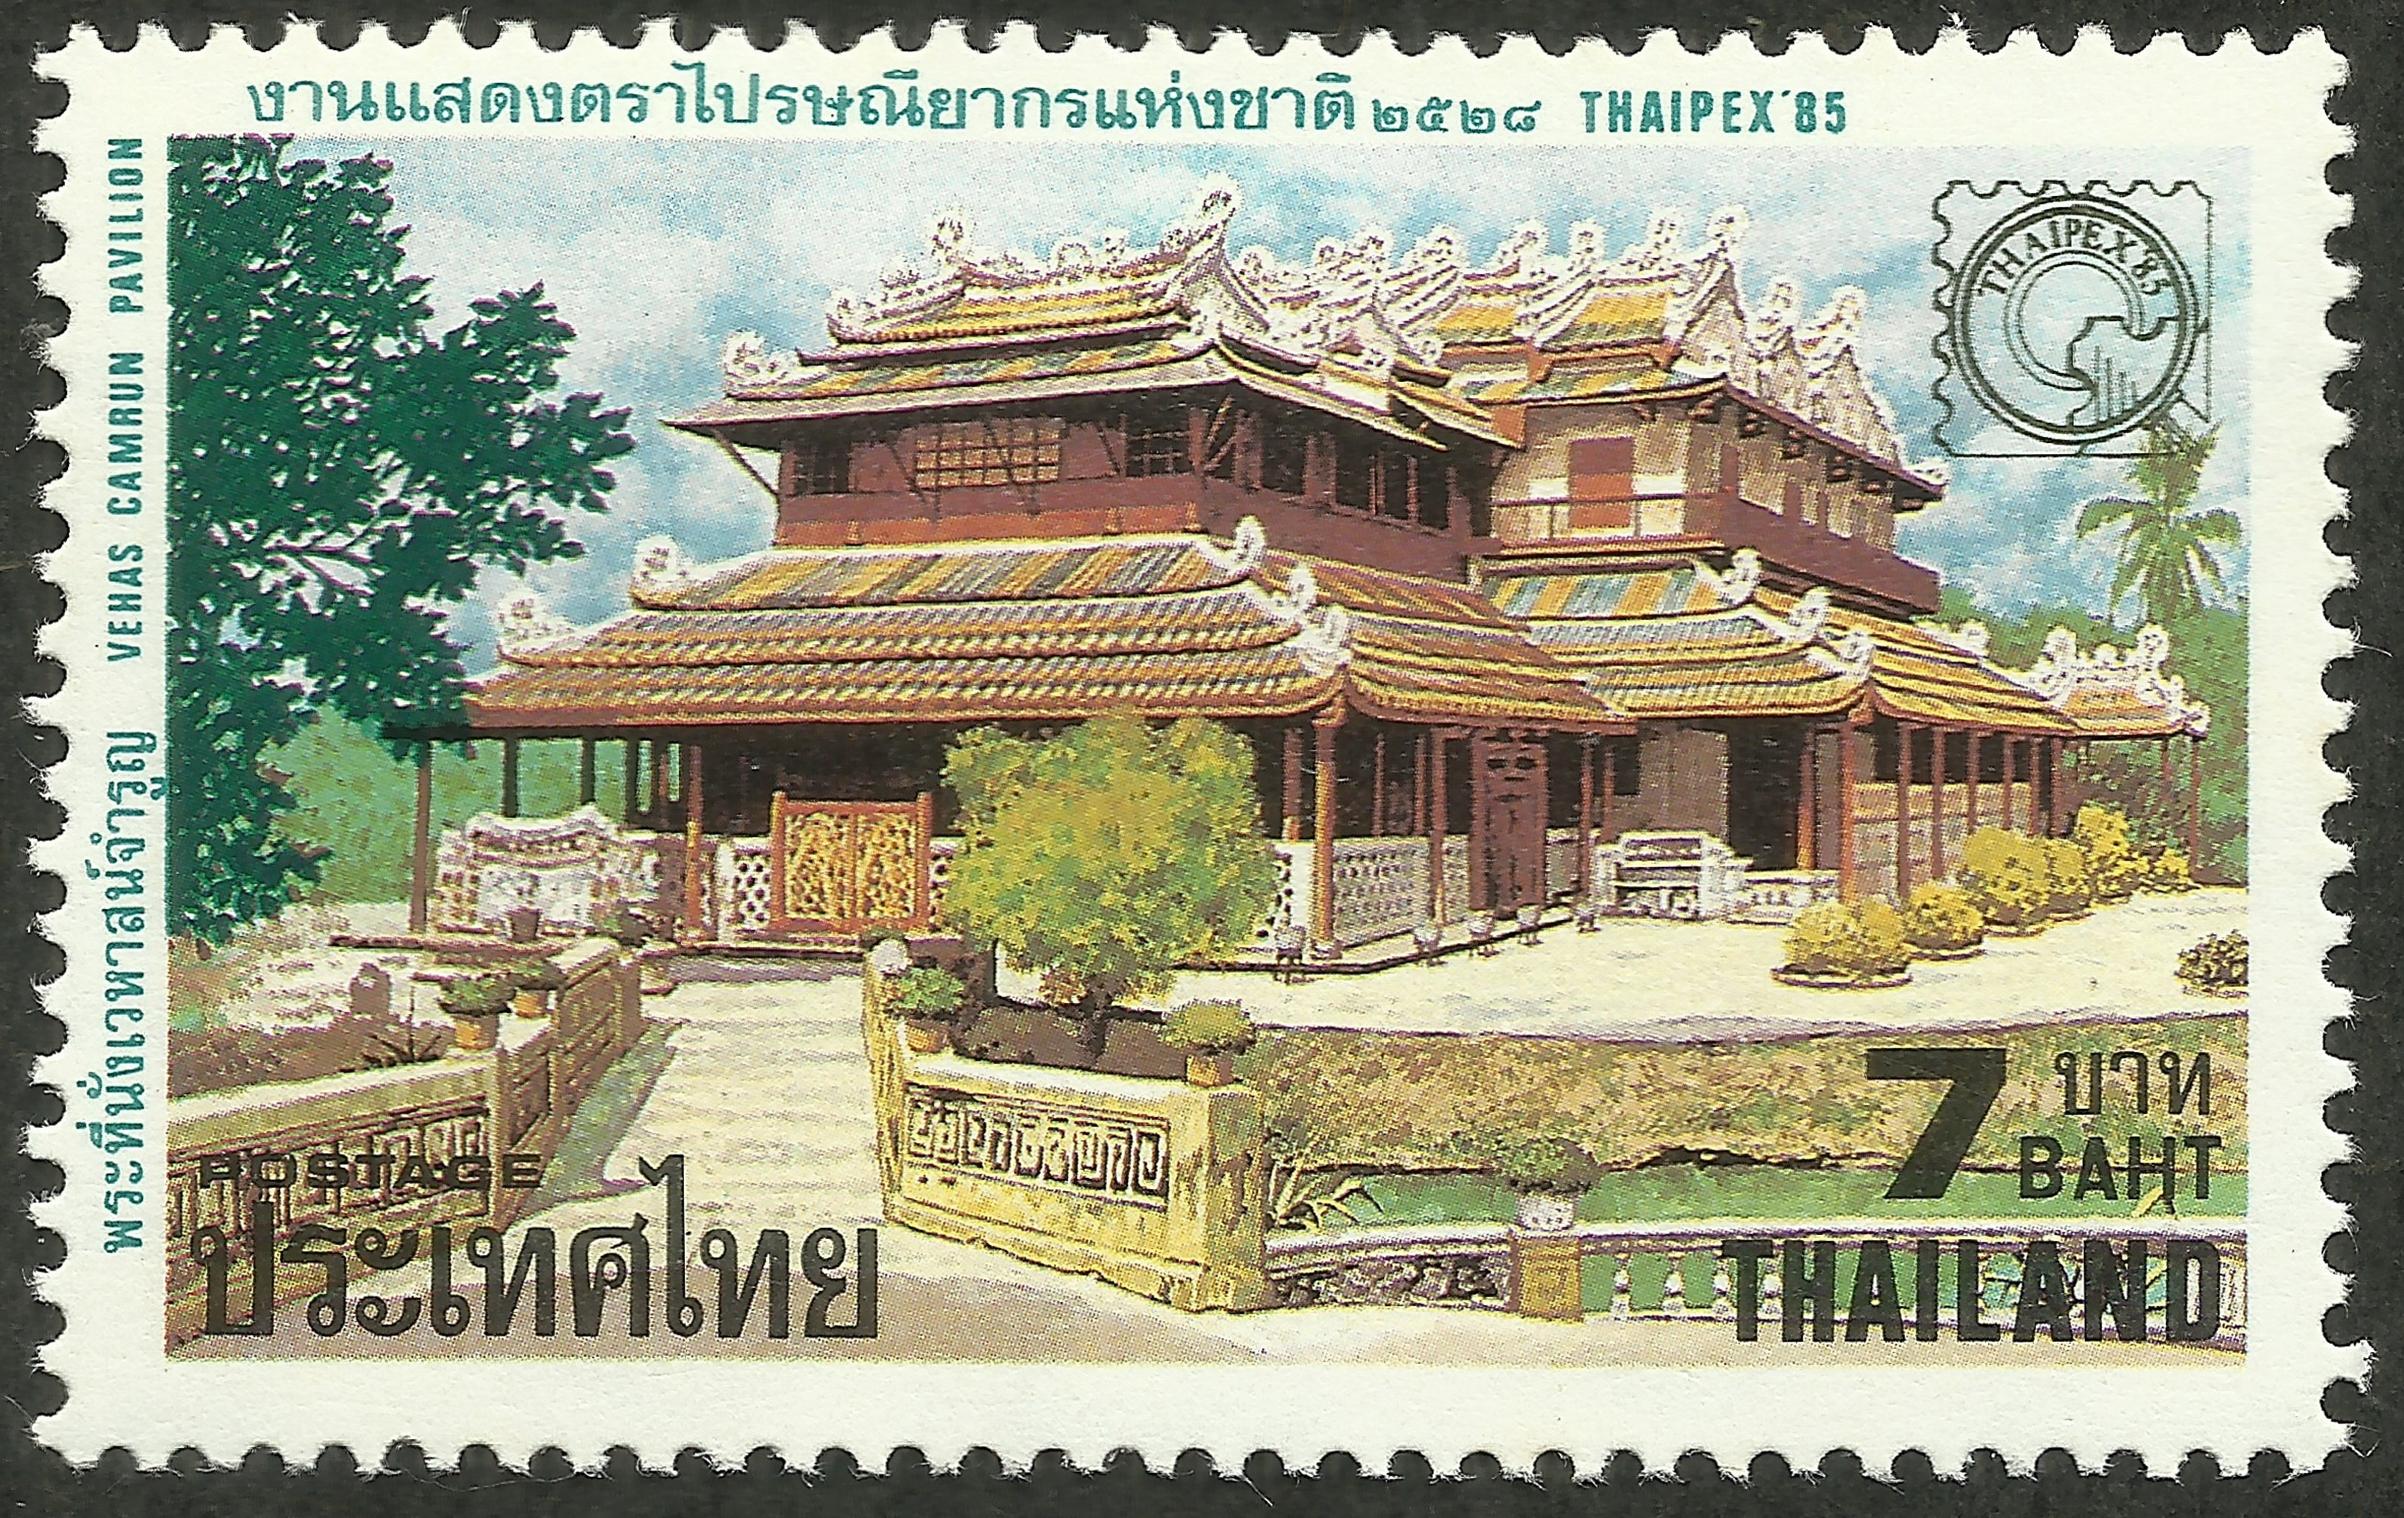 Thailand - Scott #1116 (1985) portraying Phra Thinang Wehart Chamrun at Bang Pa-In Royal Palace.